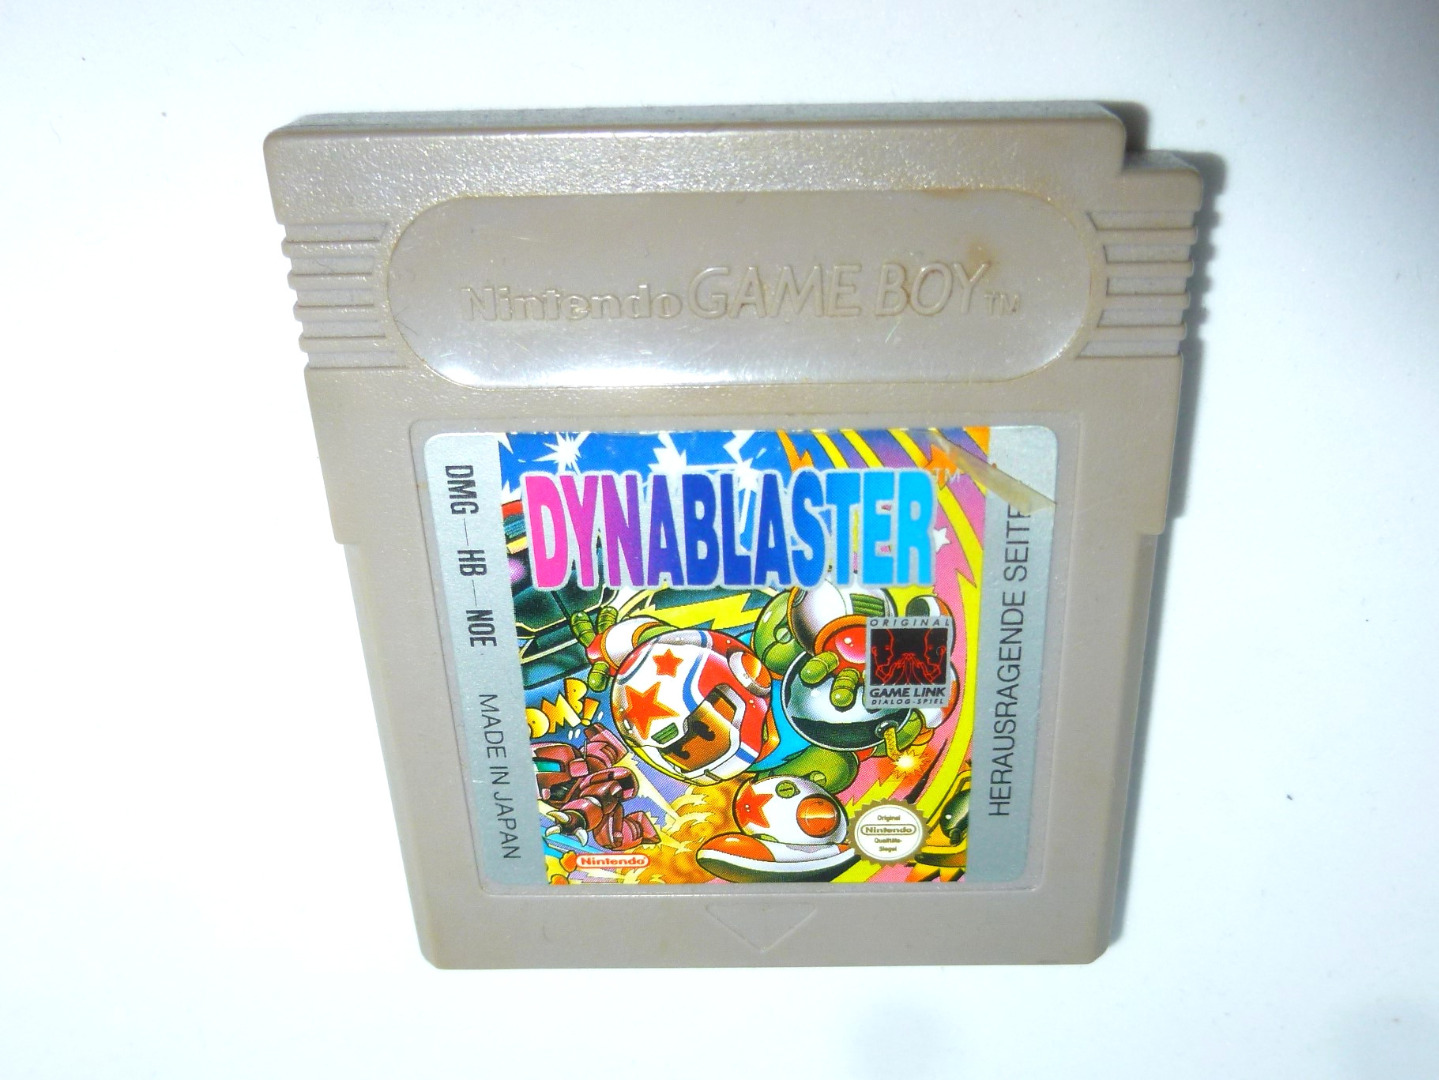 Nintendo Game Boy - Dynablaster